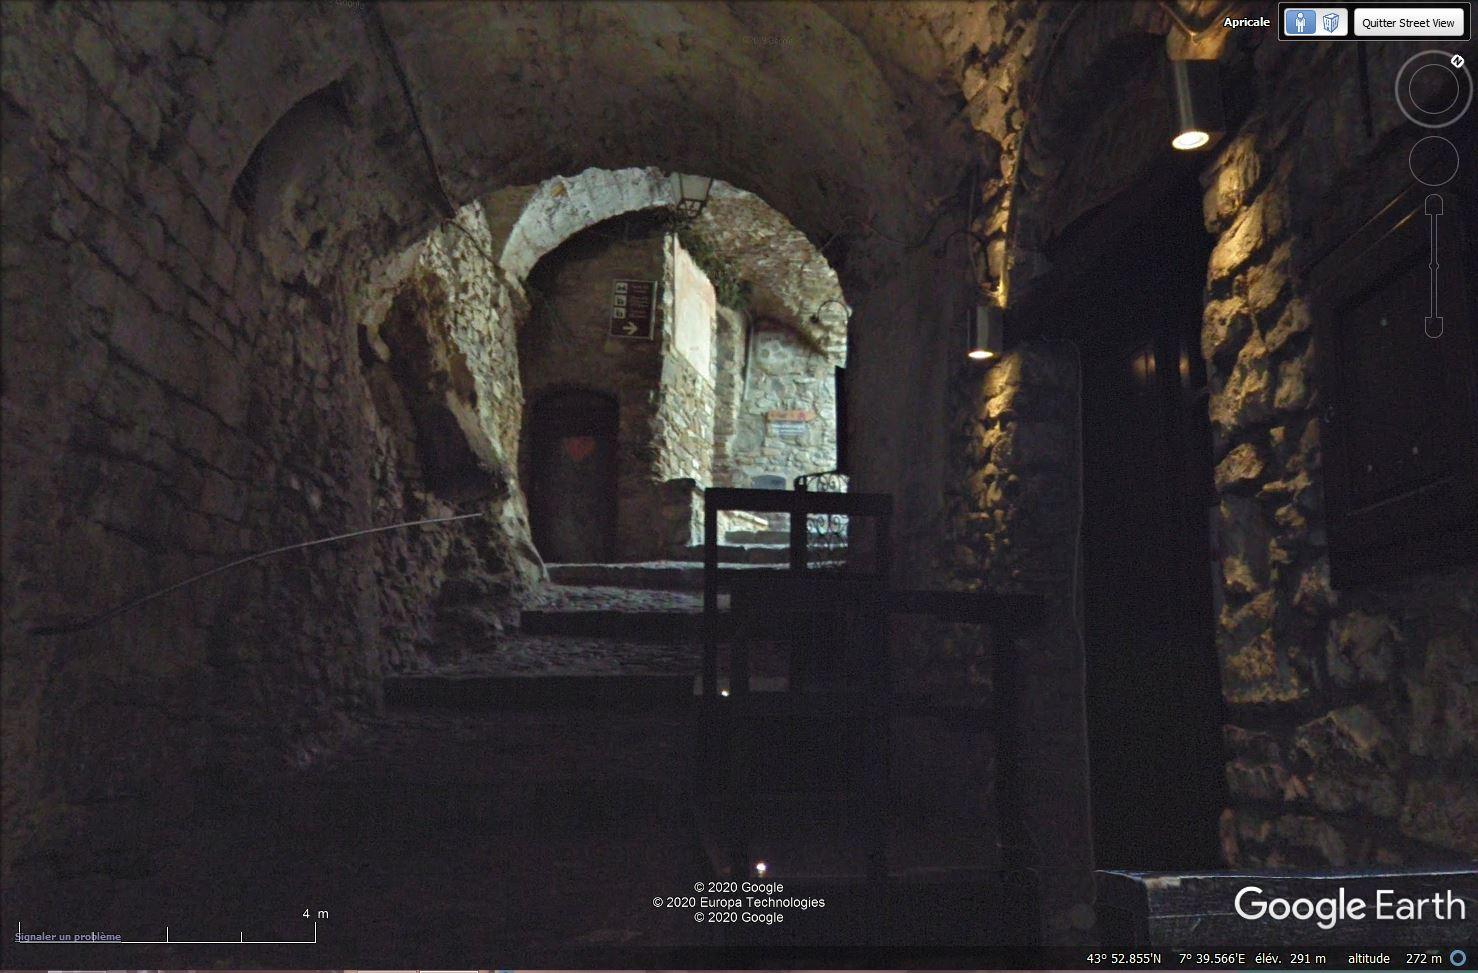 Apricale, le plus beau village d'Italie Tsge1457